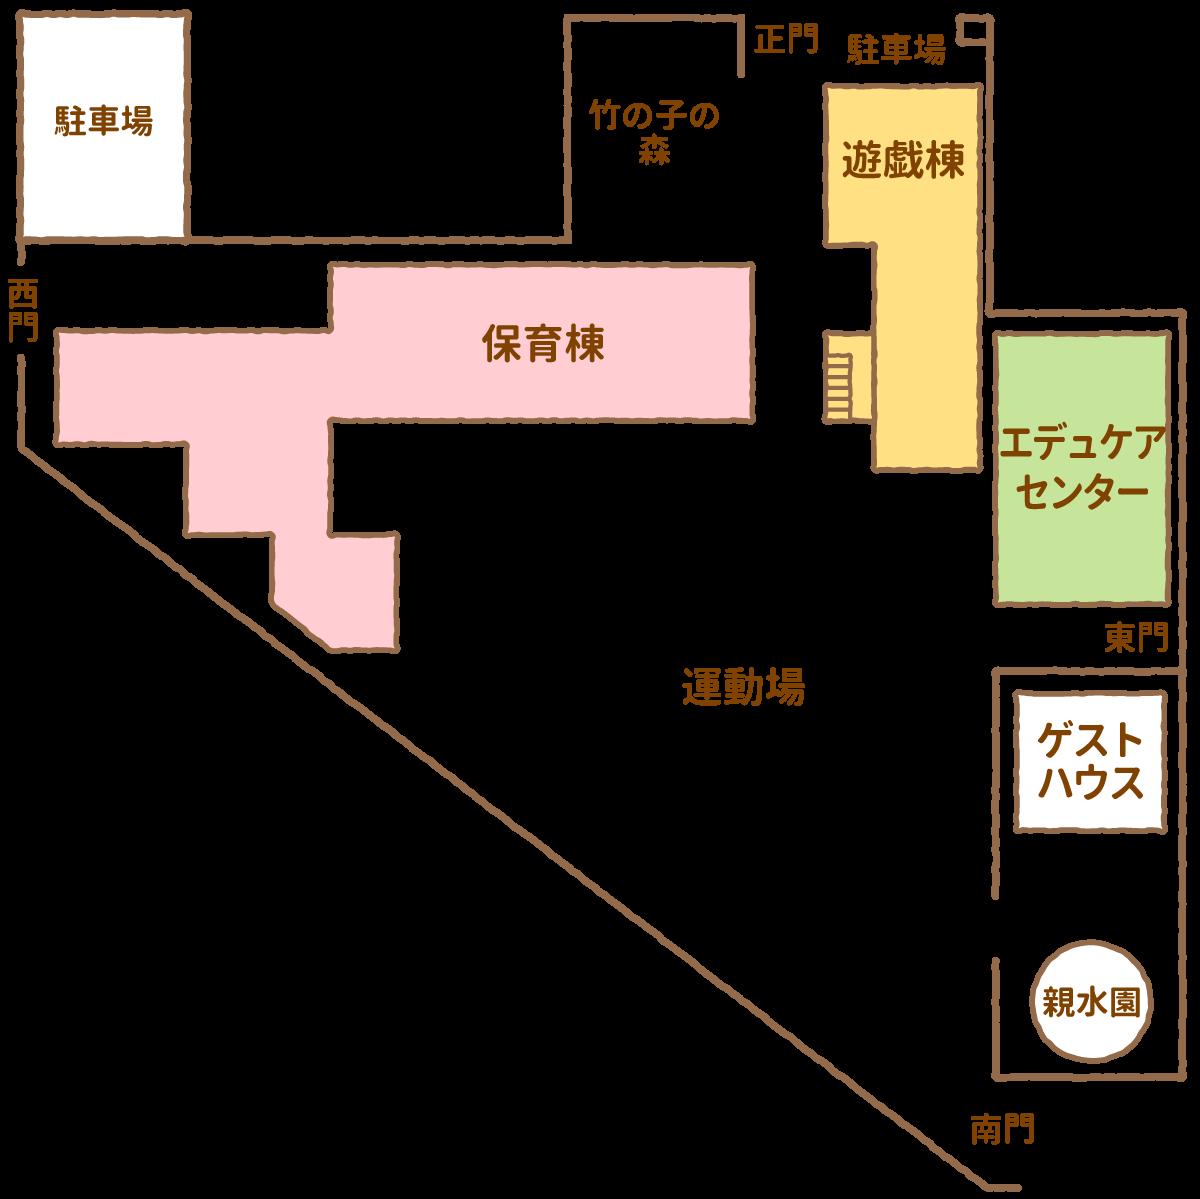 竹の子幼稚園園内地図